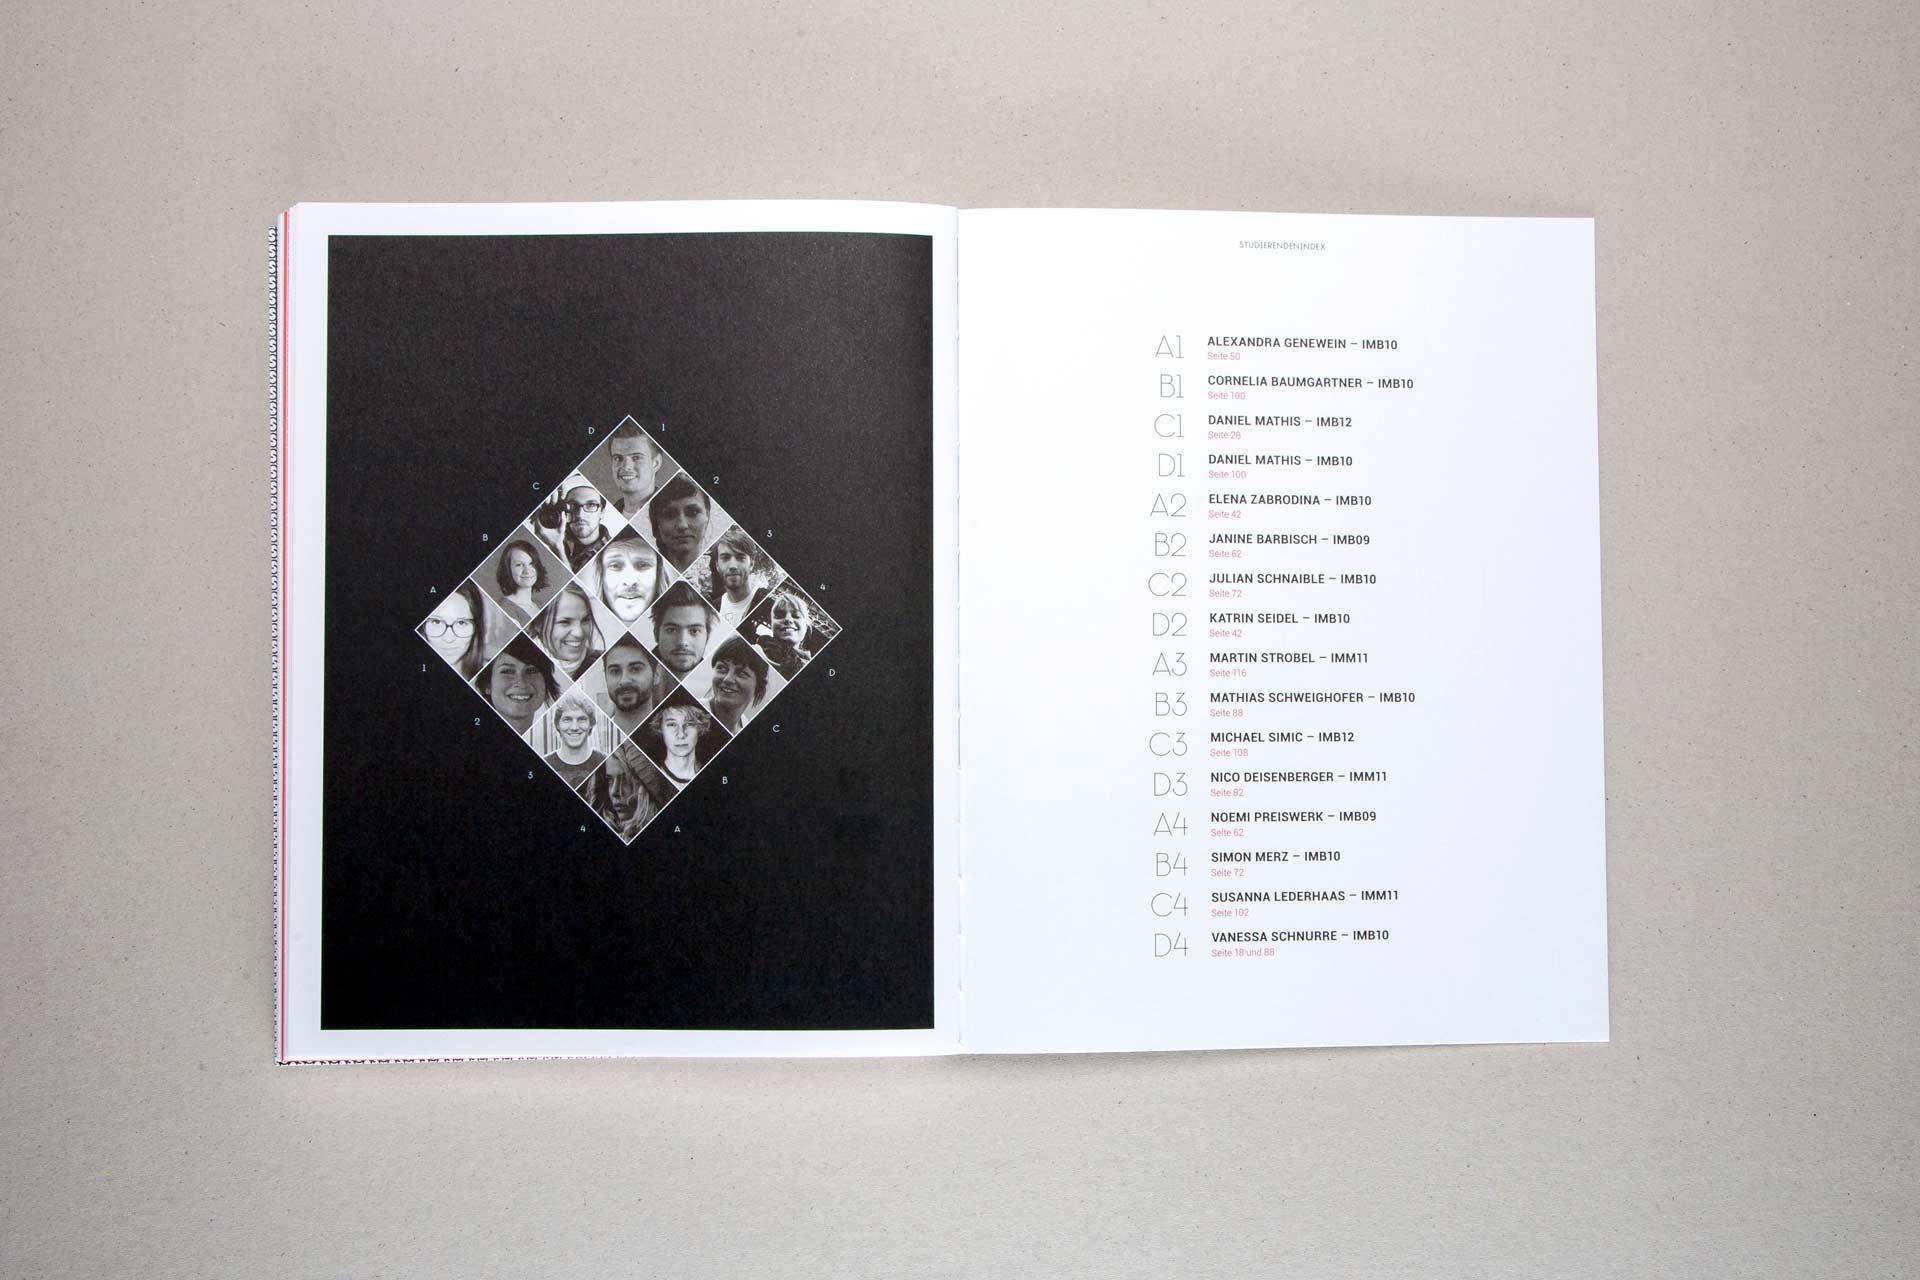 Plattform für den Studiengang InterMedia, FH Vorarlberg, Editorial Design, Webdesign, Konzeption, Grafikdesign, Magazin, Bernhard Hafele